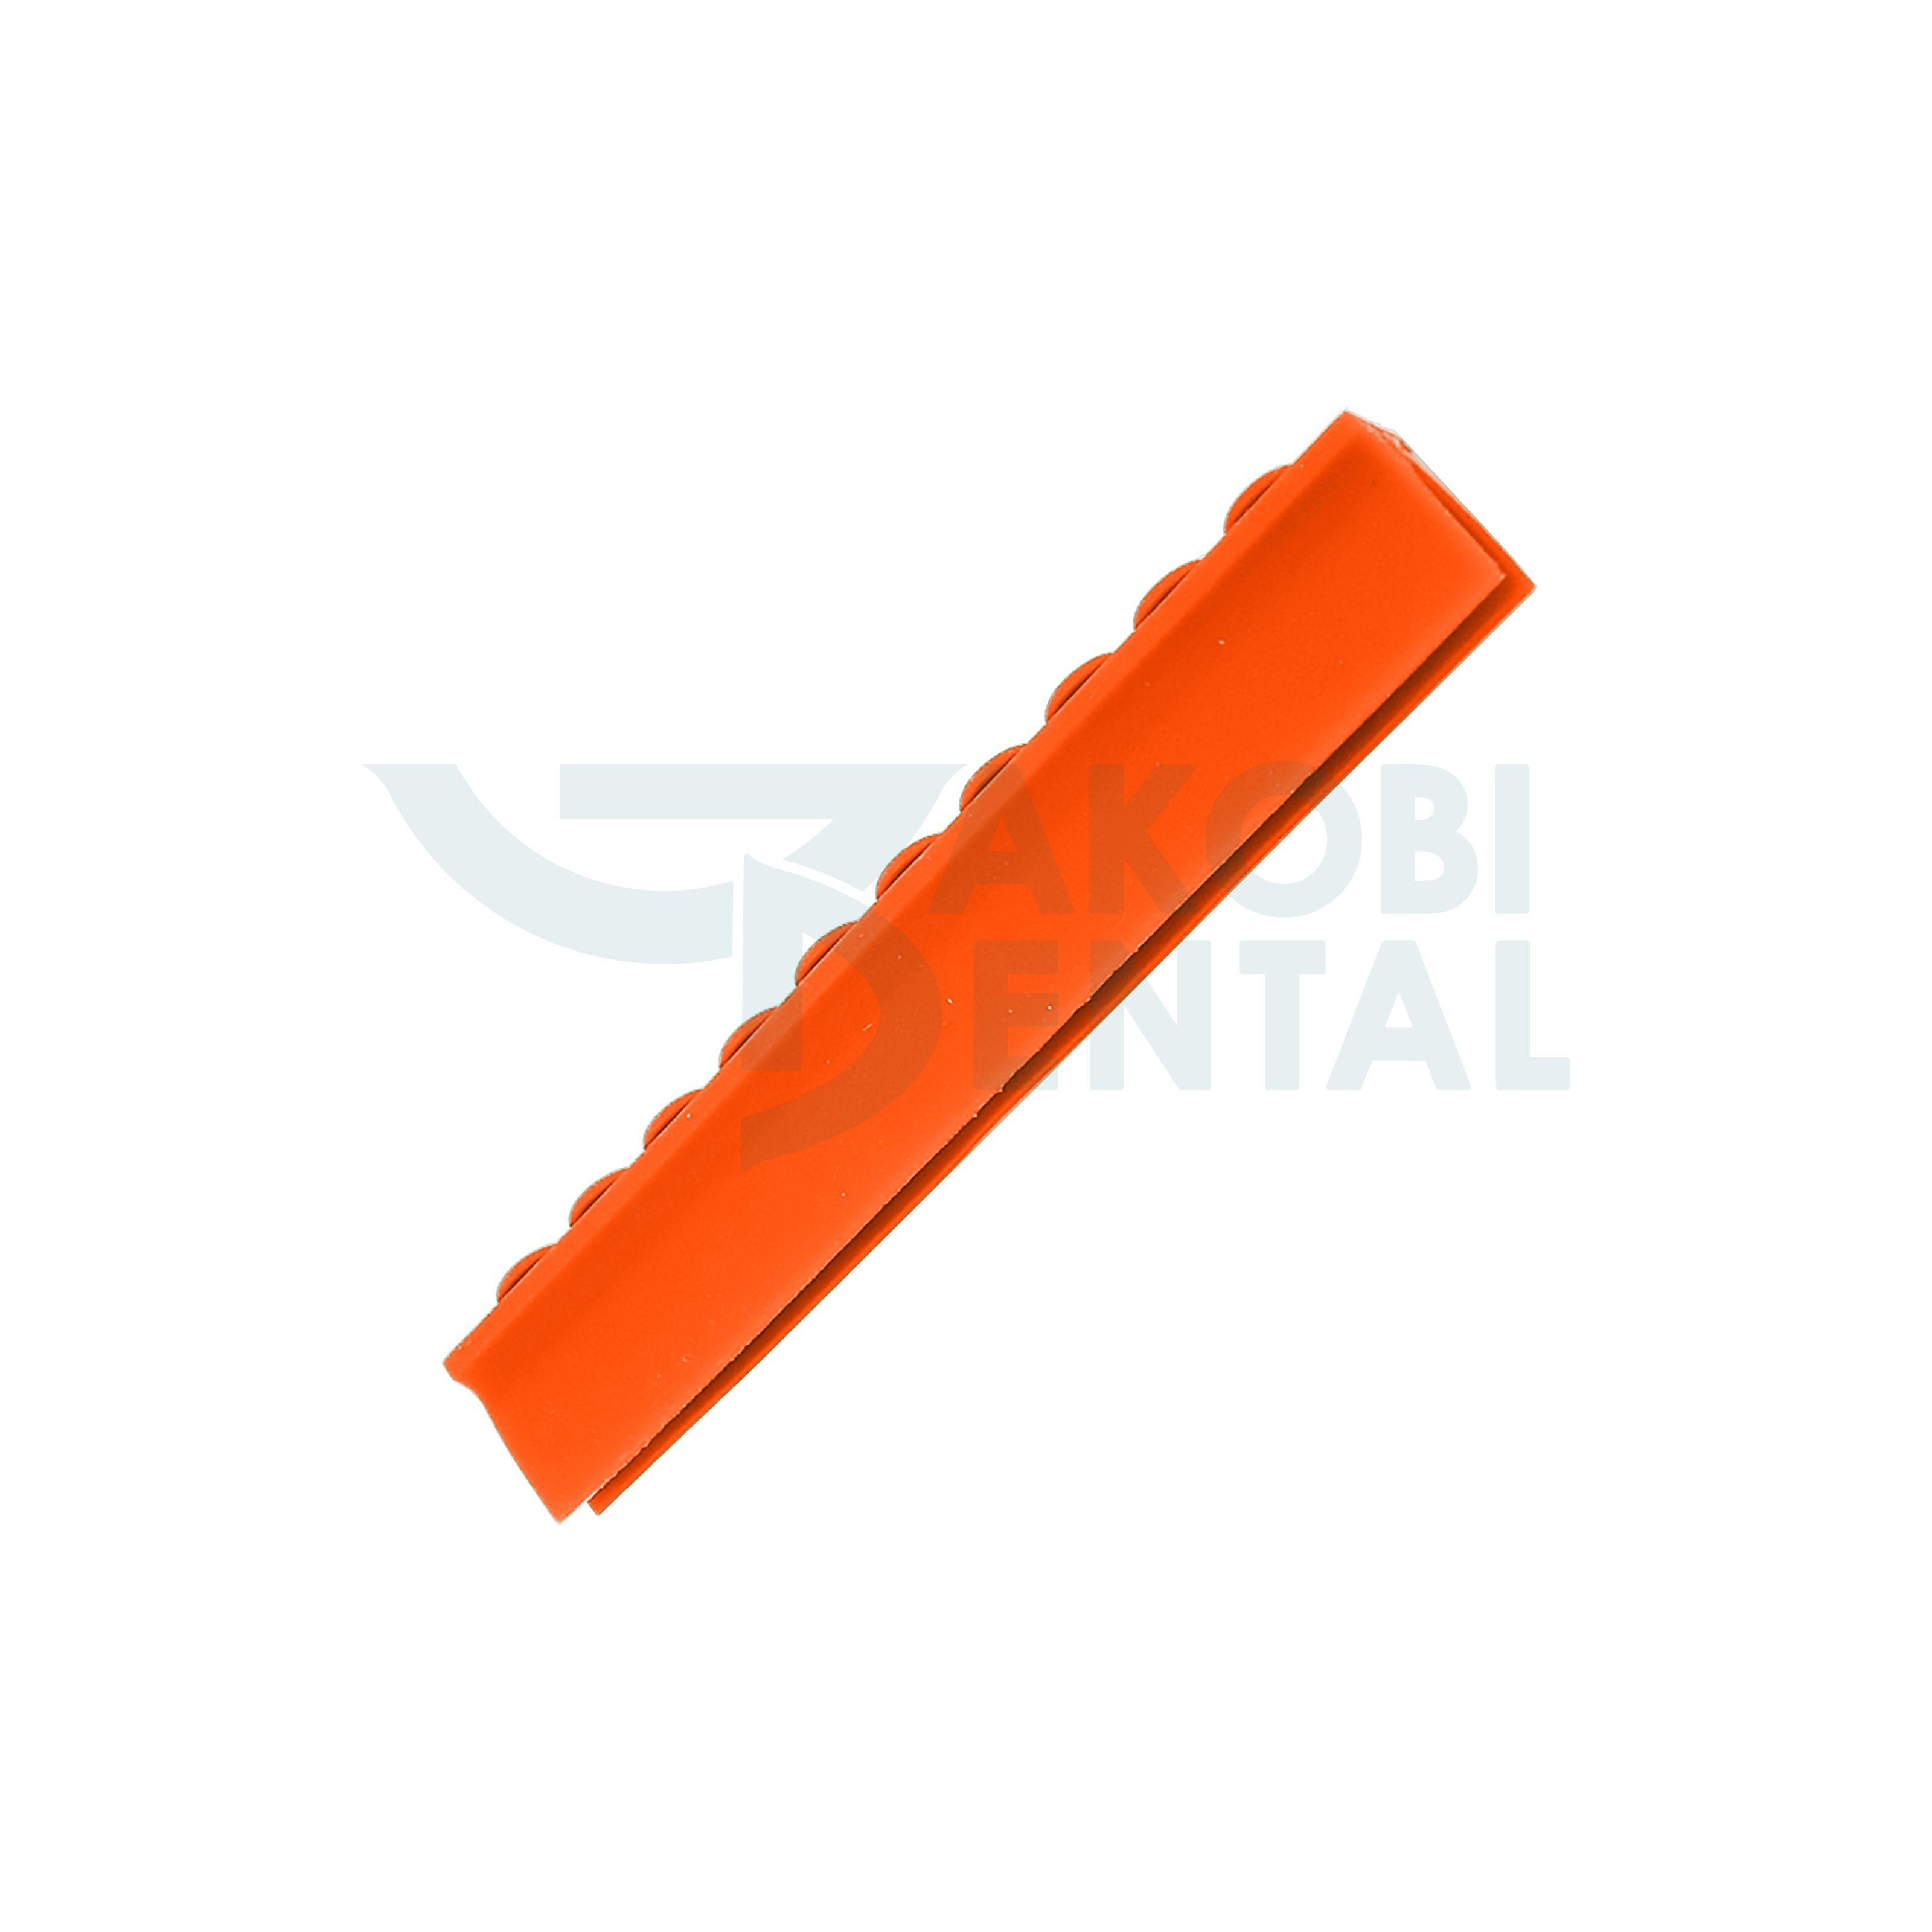 Deckelschiene für 10 Instrumente, orange